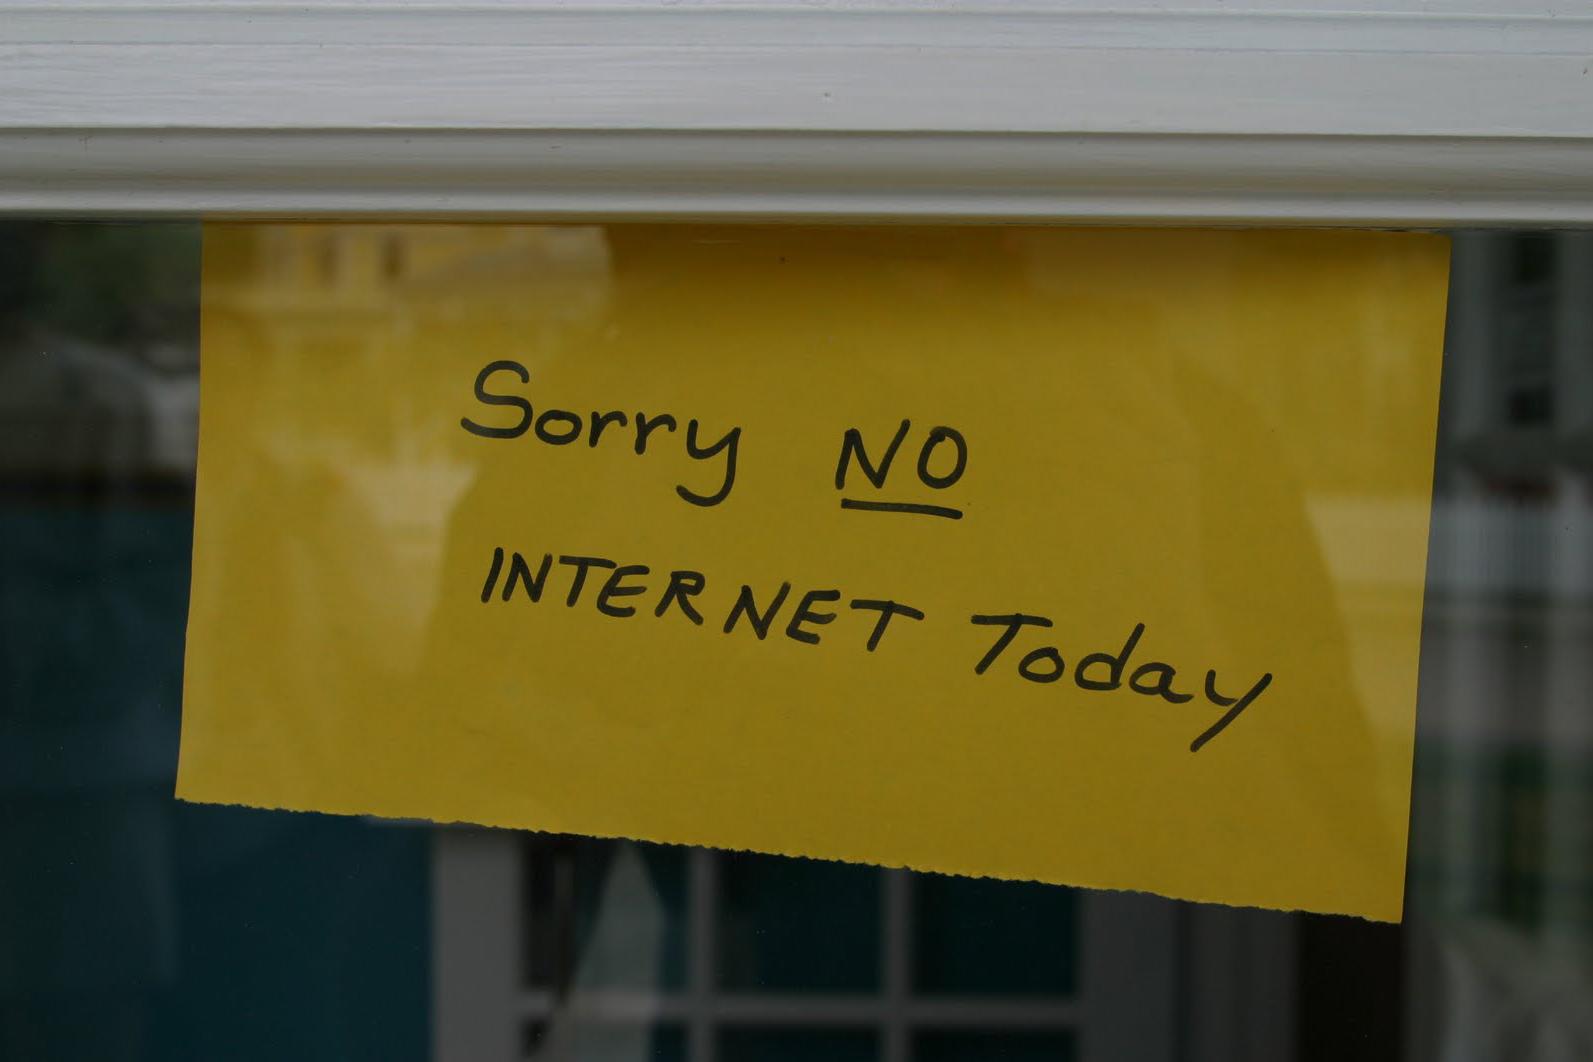 Российские мобильные операторы отказываются от безлимитного интернета